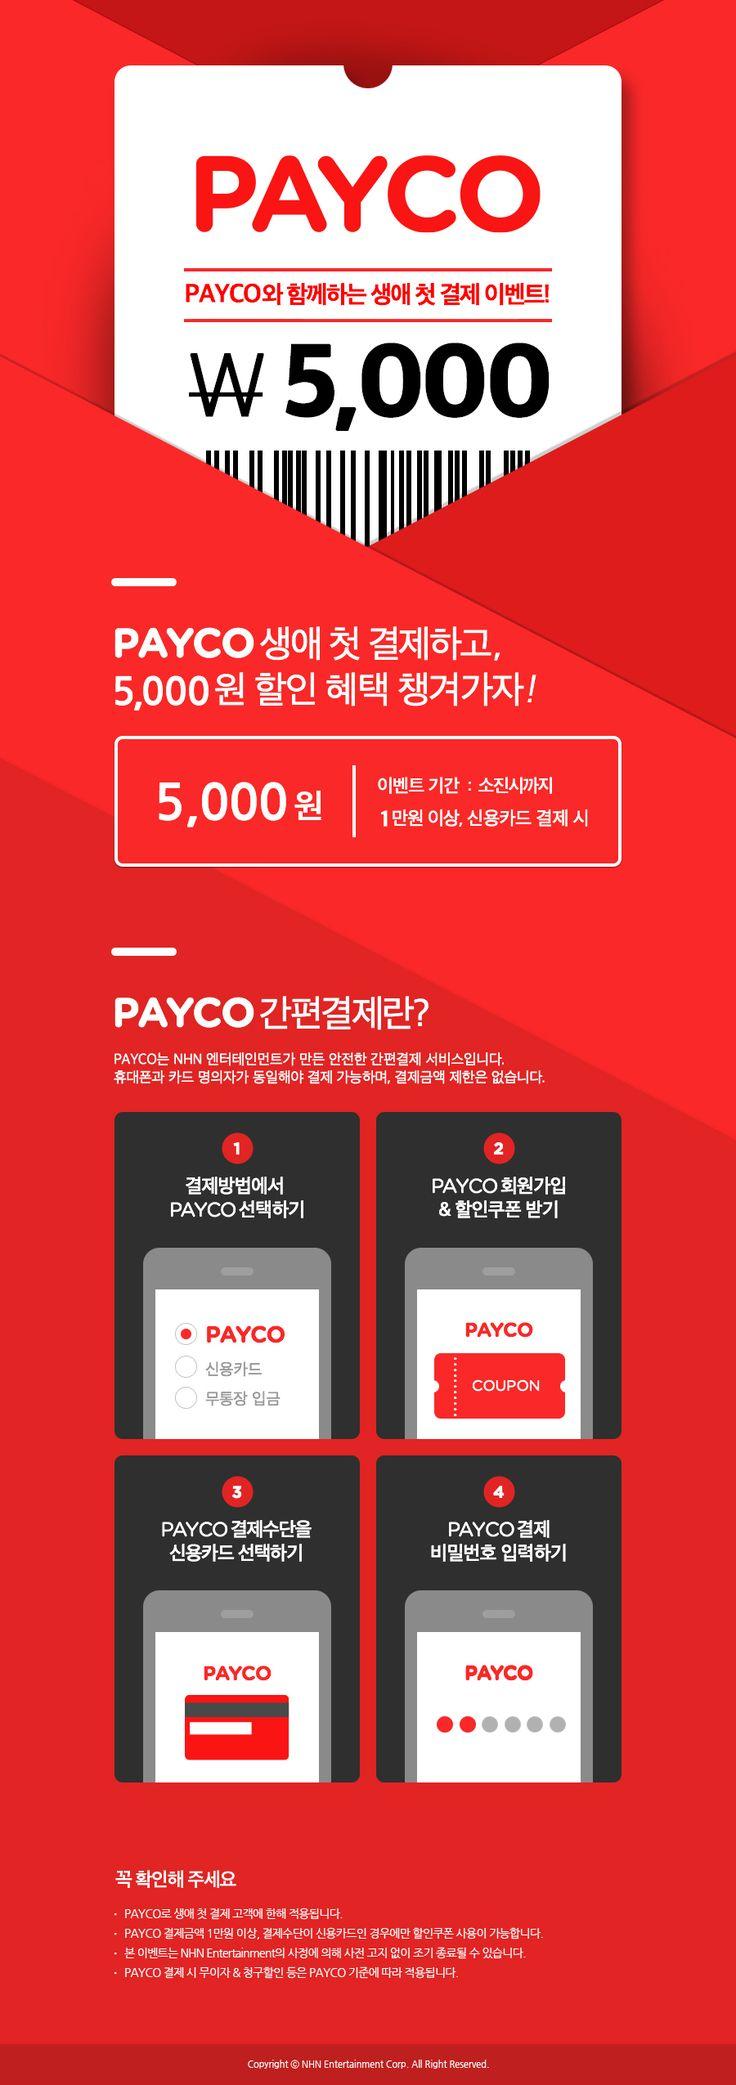 신규 이벤트 게시판-[종료] PAYCO OPEN PROMOTION